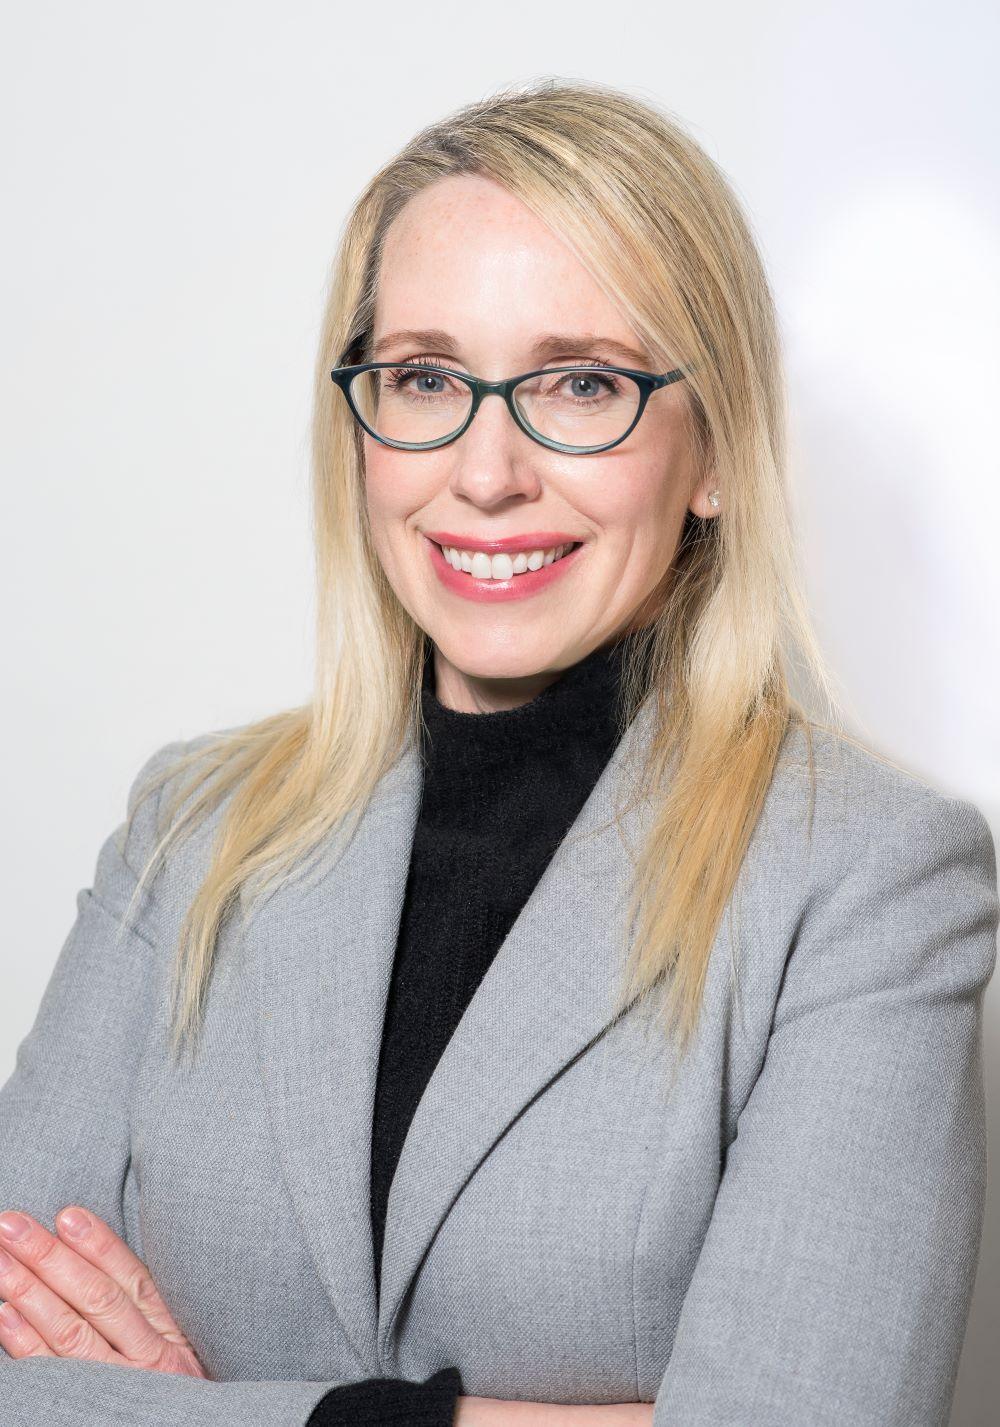 Elaine Gibney